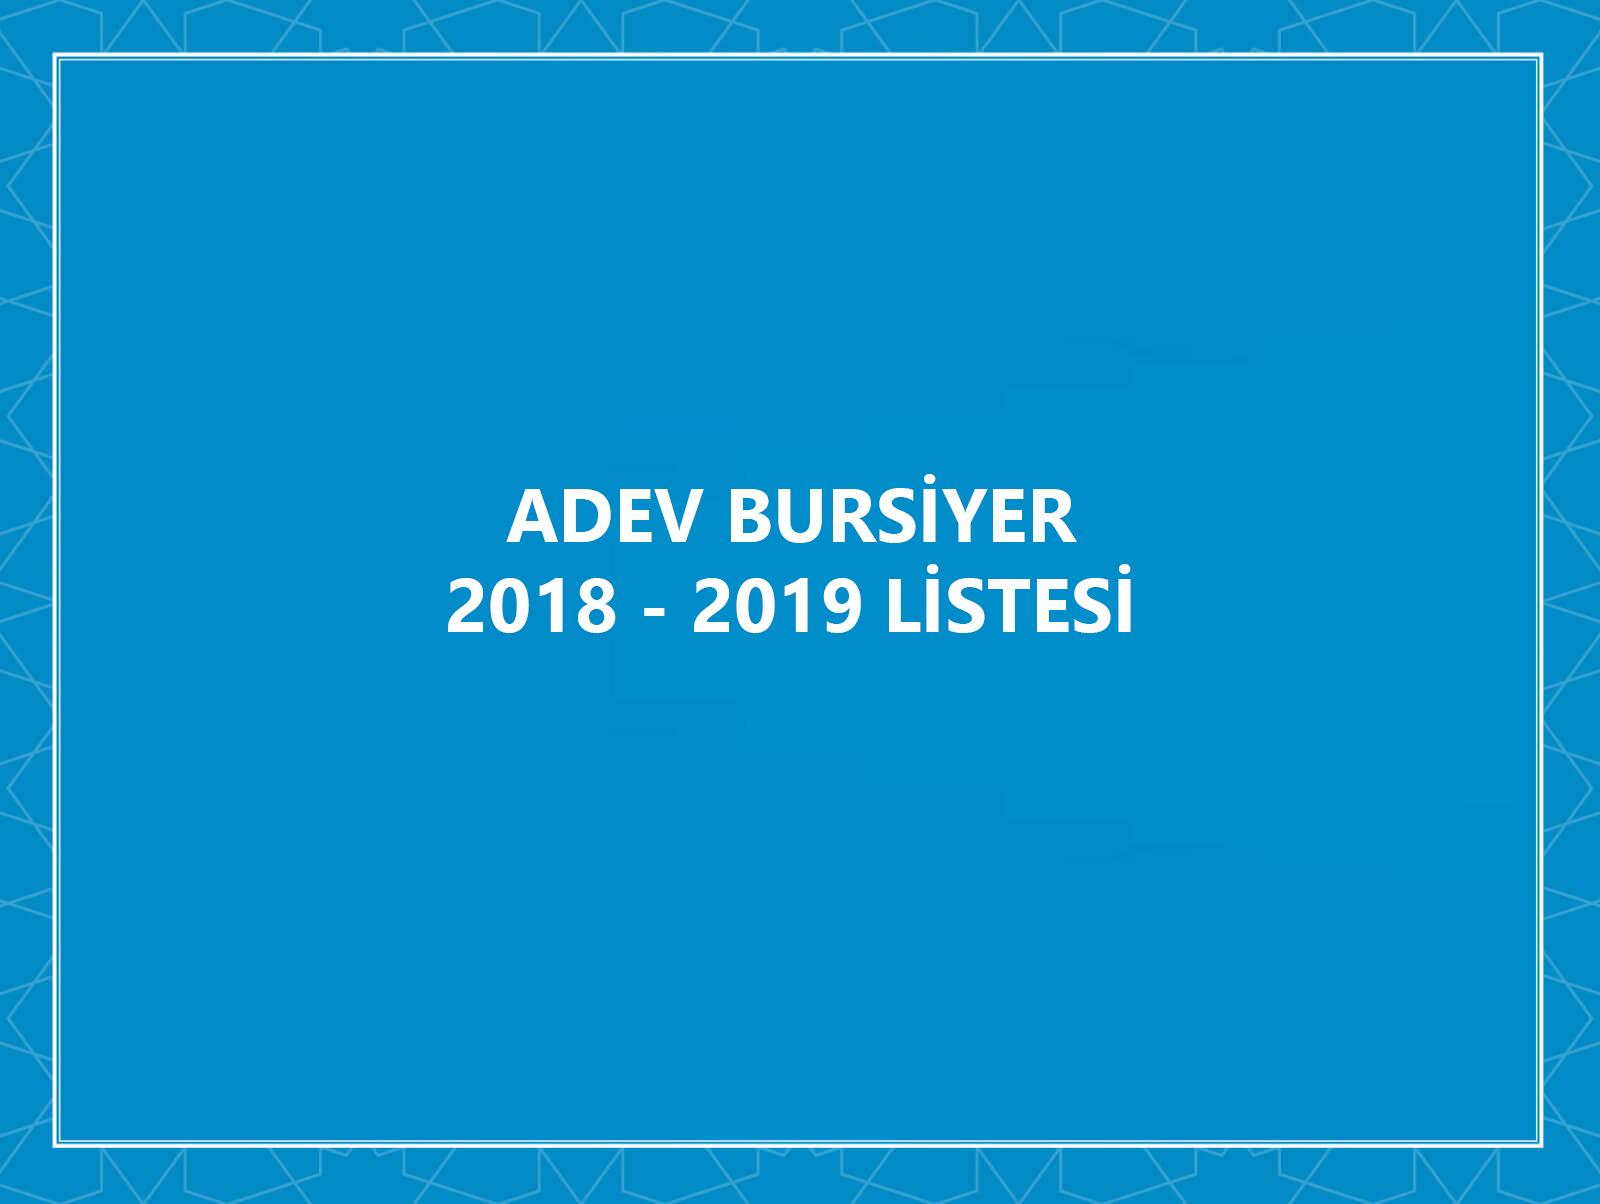 ADEV 2018-2019 Onaylanan Bursiyer Listesi